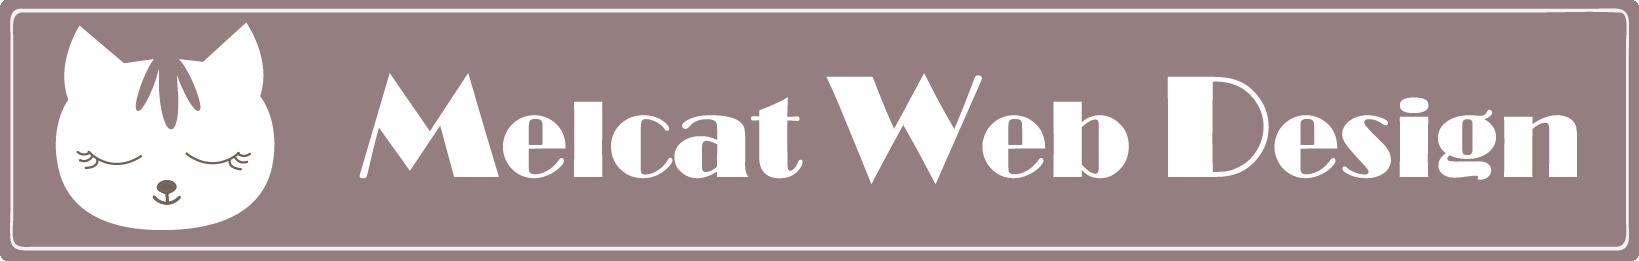 Melcat Web Design